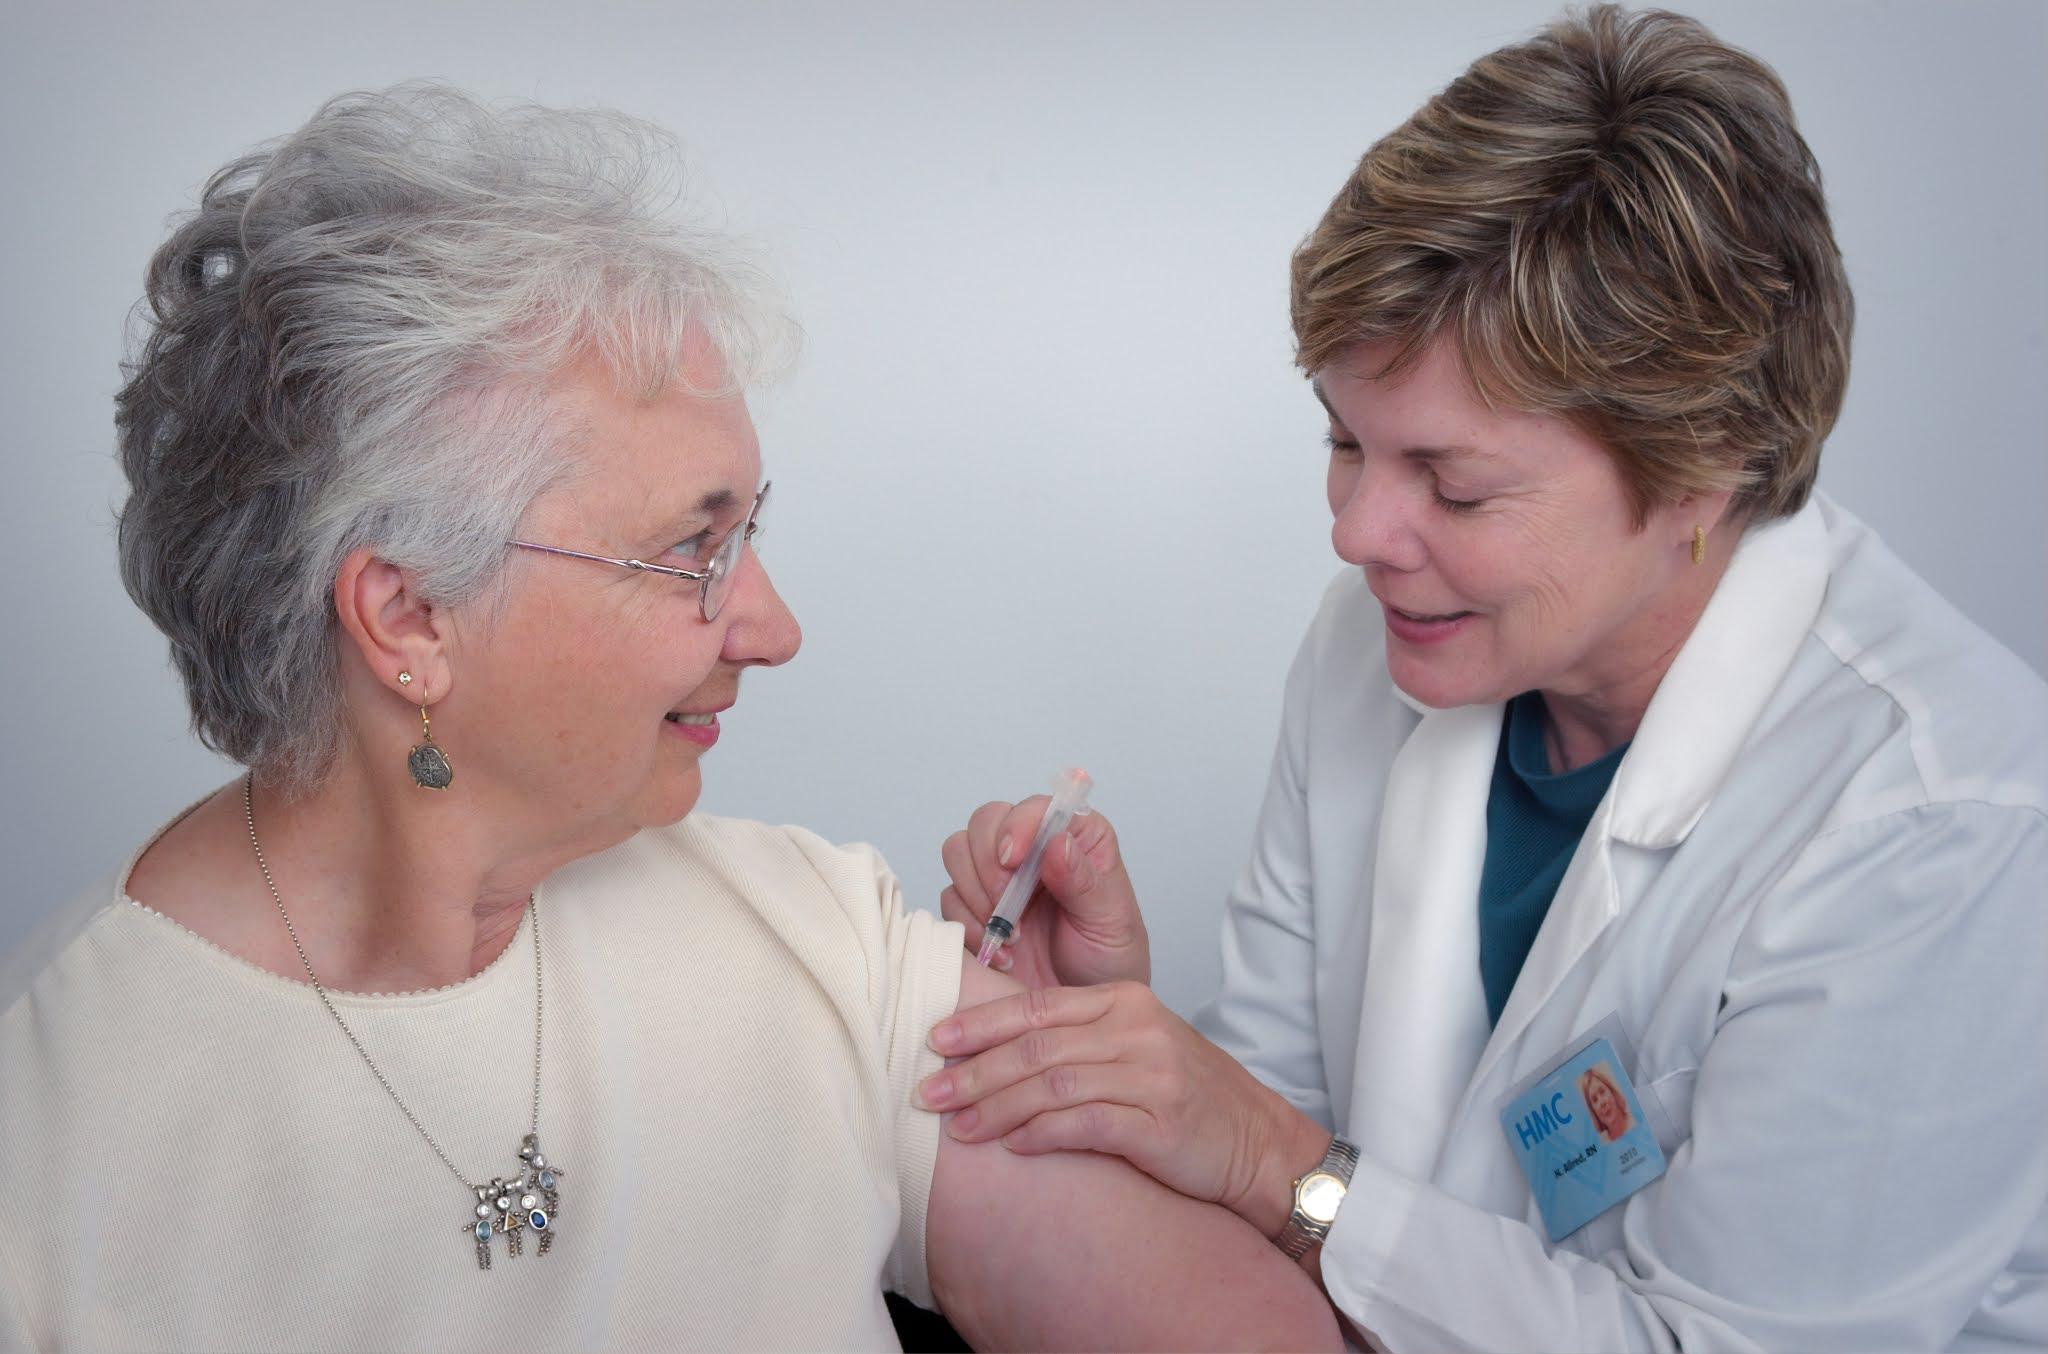 نصائح قبل يوم التطعيم ضد فيروس كورونا